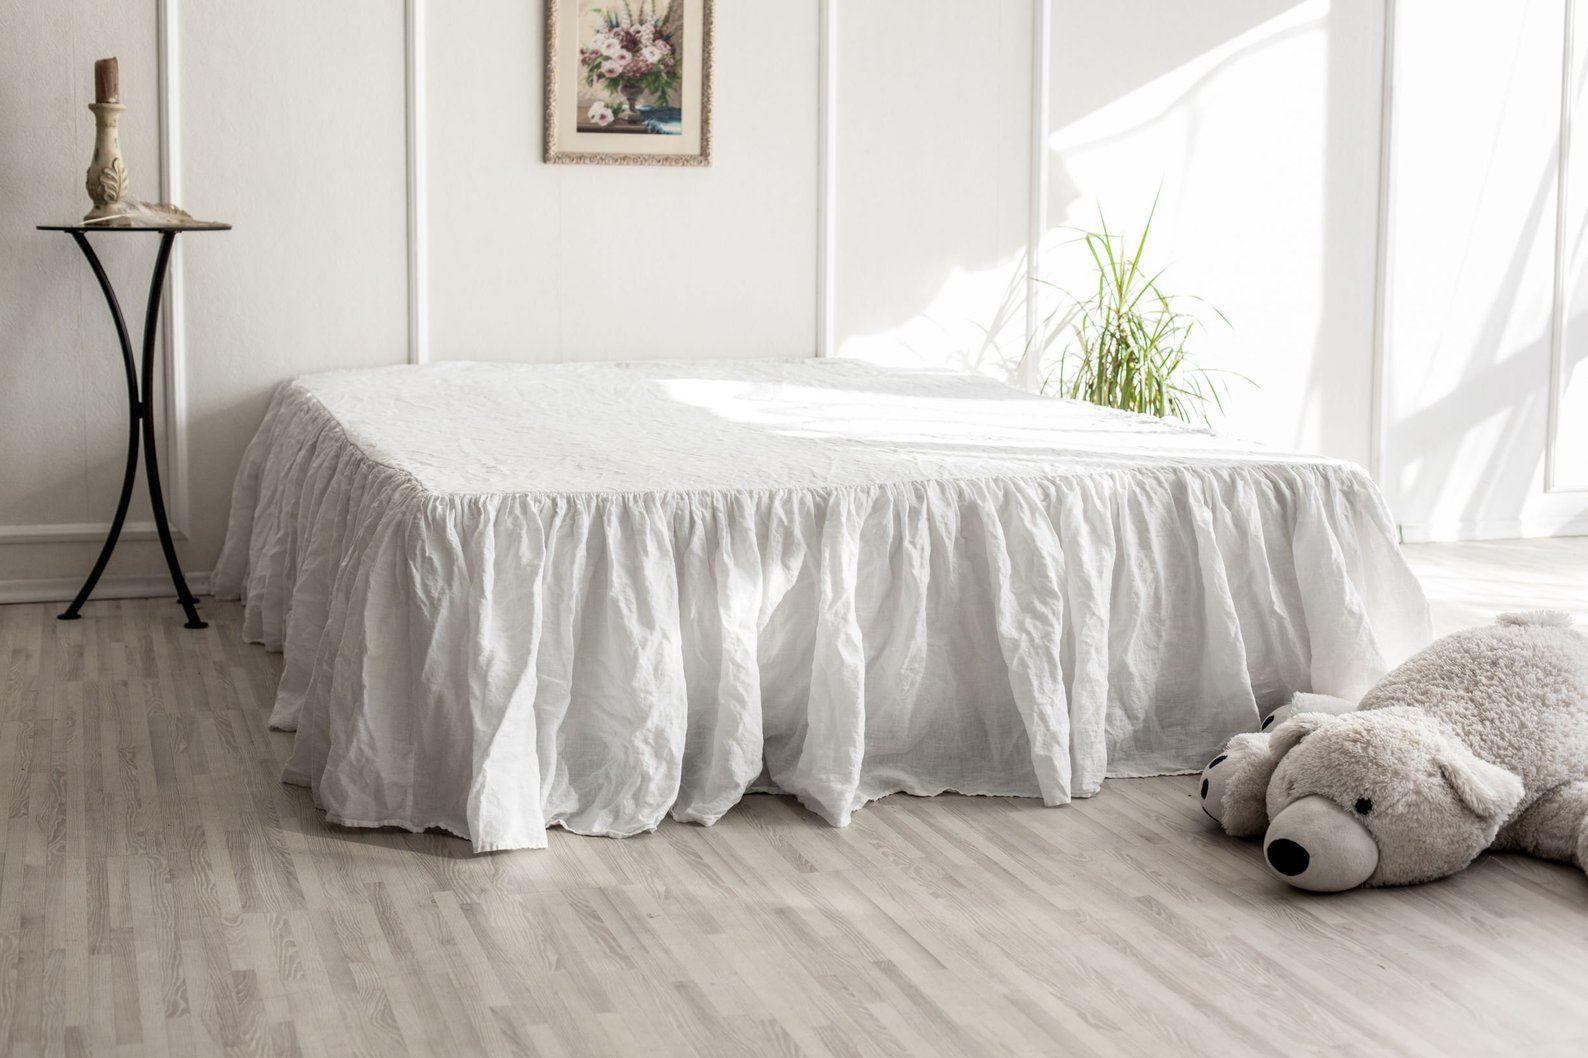 Linen Dust Ruffle Bed Skirt European Flax Natural linen